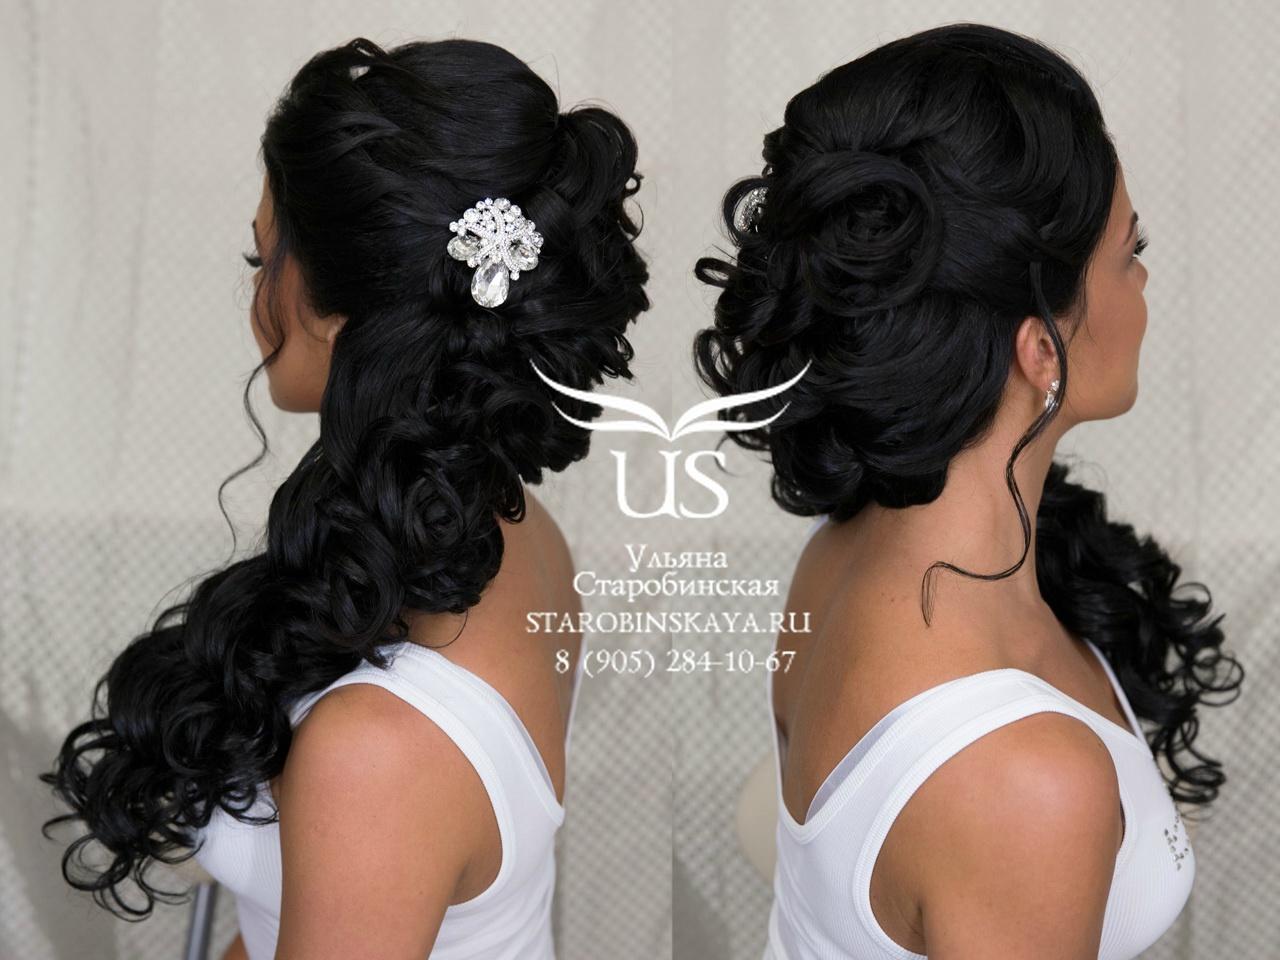 Фото причесок на свадьбу черные волосы